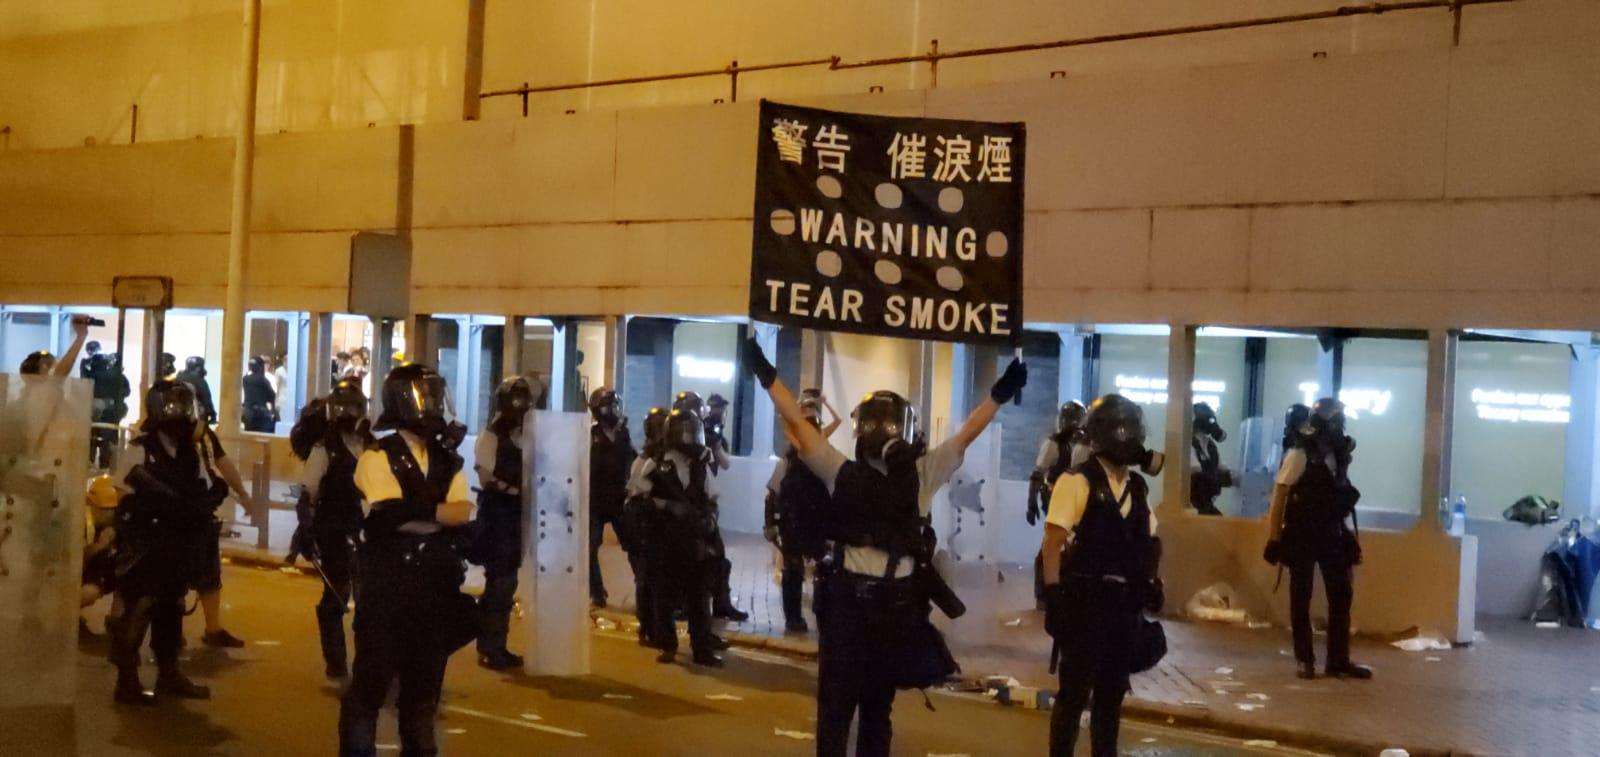 防暴警舉旗警告放催淚彈